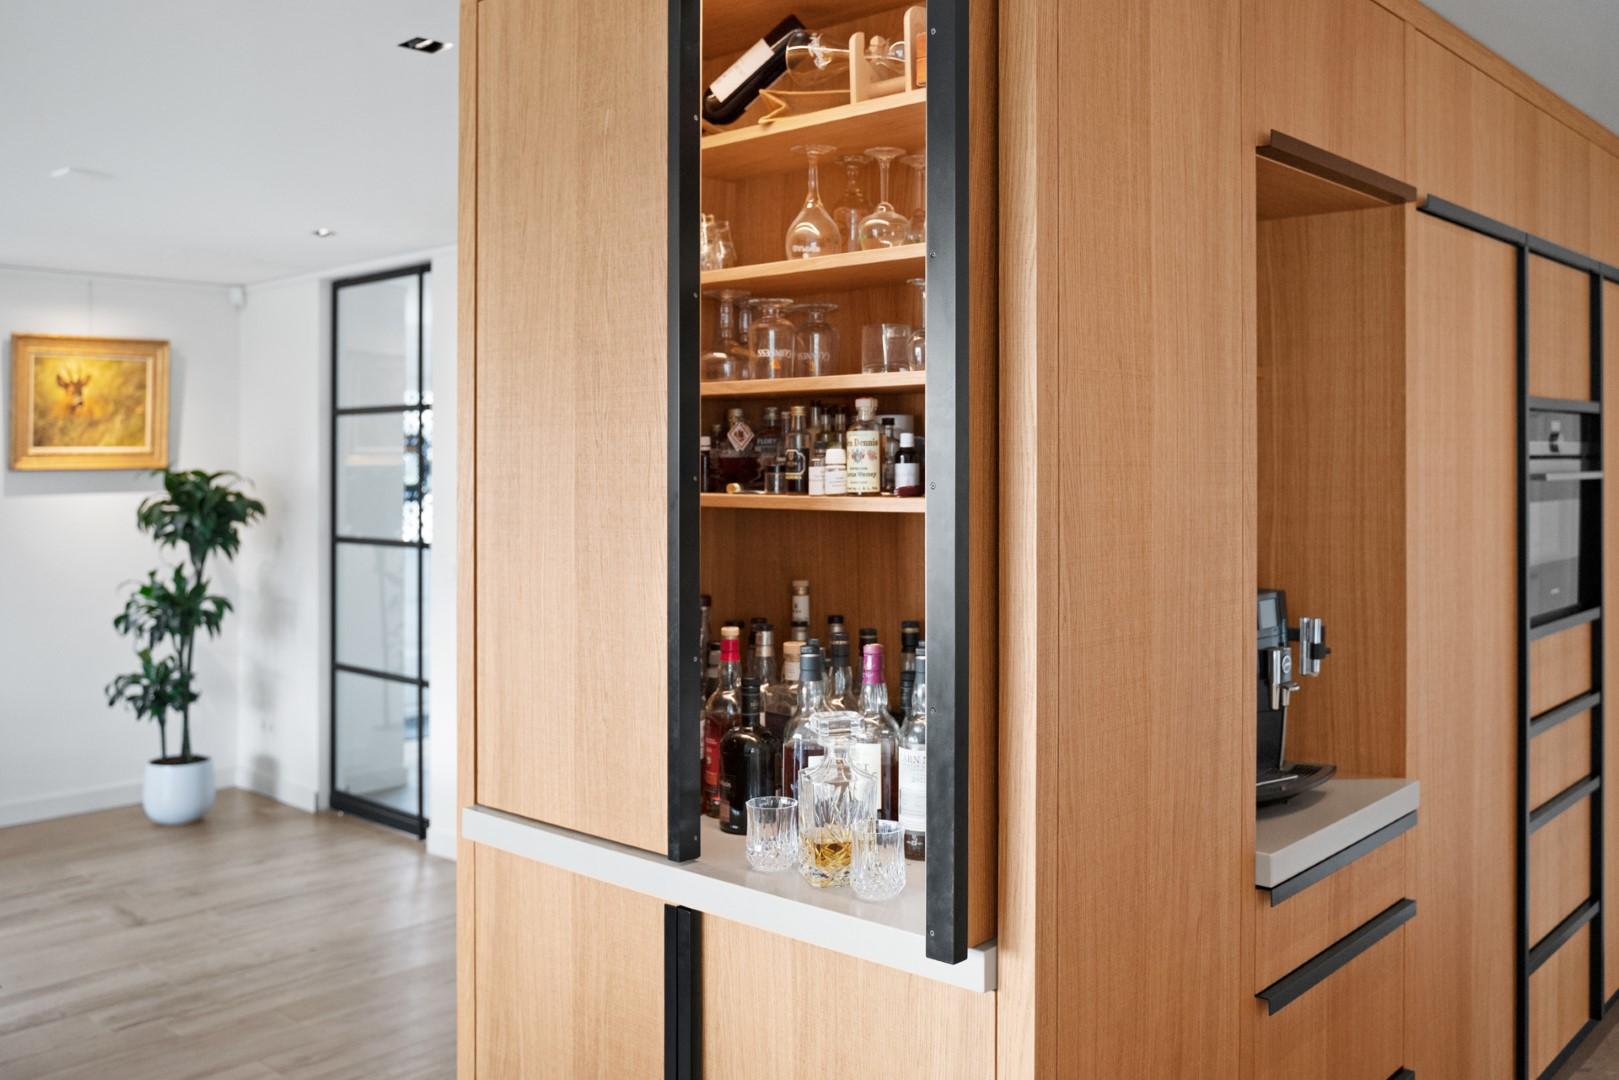 Adrichem Interieurbouw drankkast